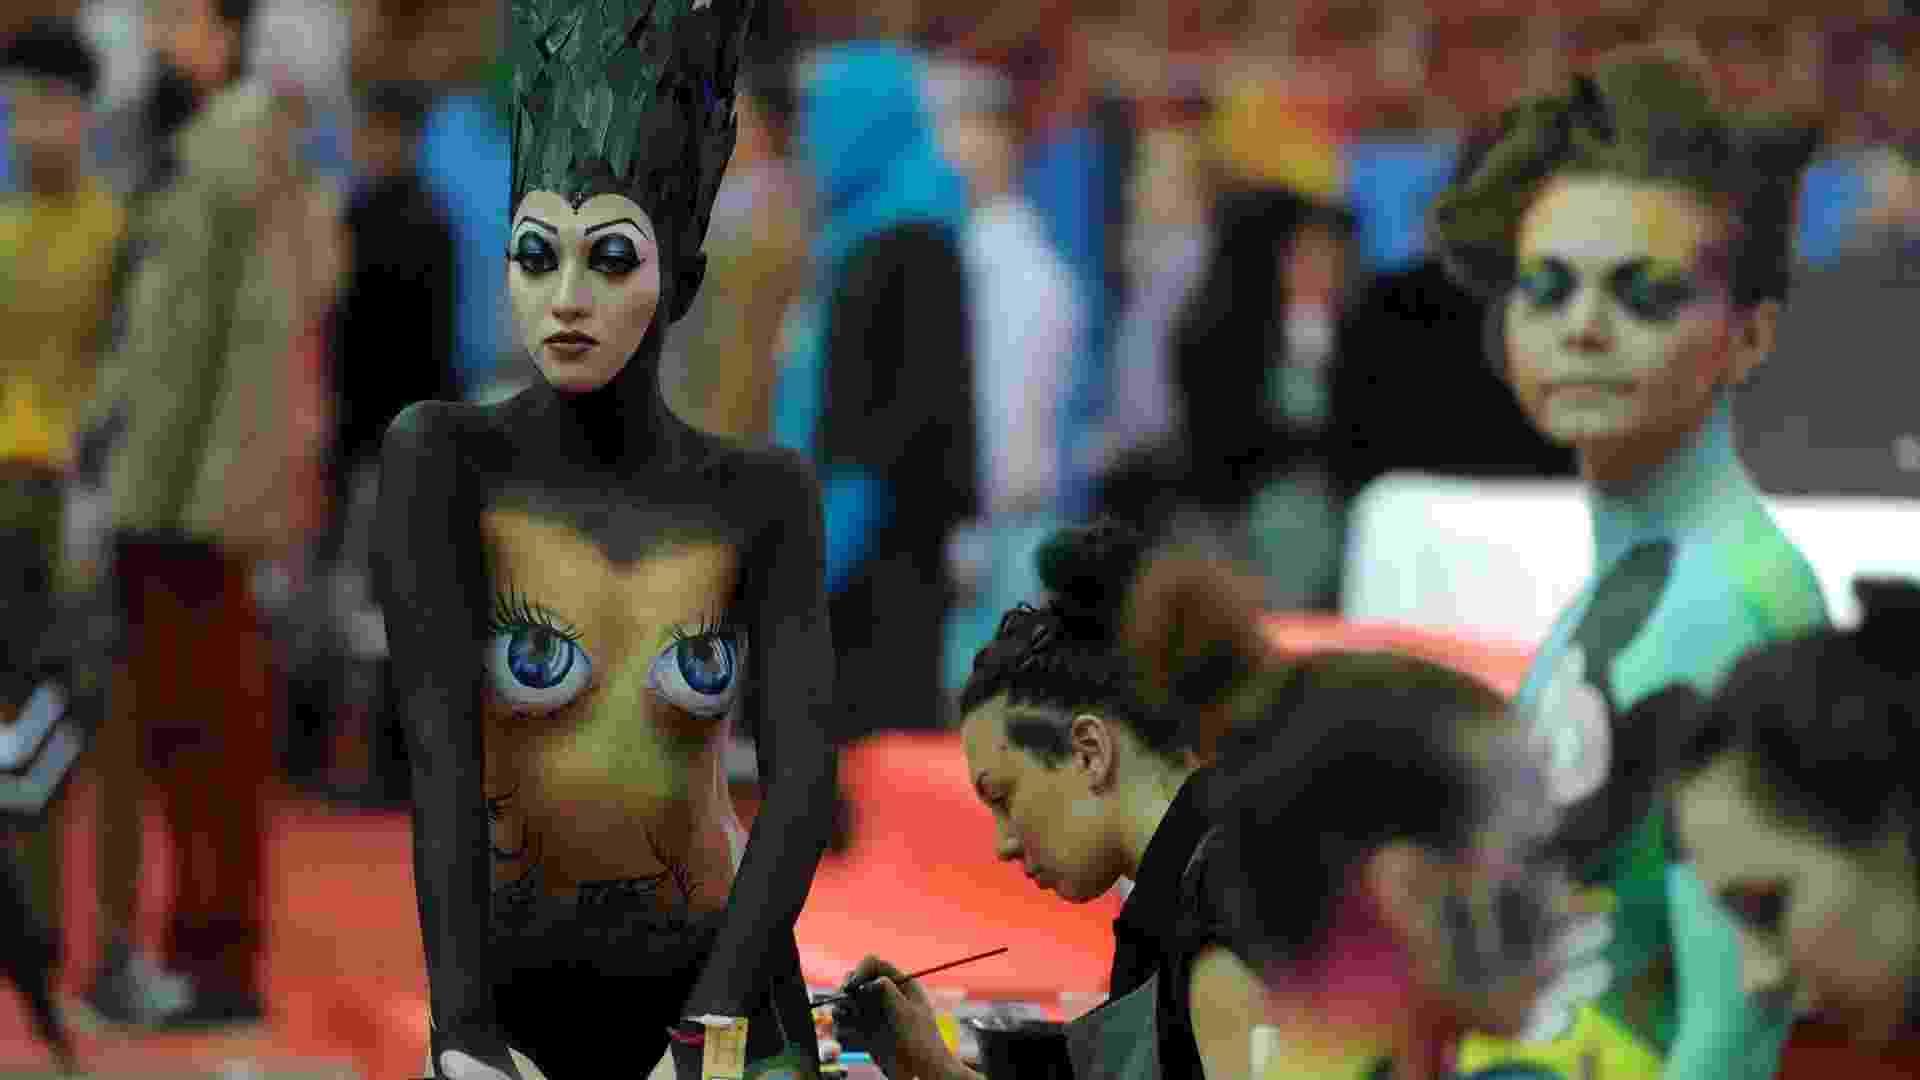 24.fev.2013 - Festival Nevskie Berega reúne mulheres com corpos pintados na cidade de São Petesburgo, na Rússia. As artistas fazem parte de um grupo que participa de feiras de beleza - AFP PHOTO / OLGA MALTSEVA